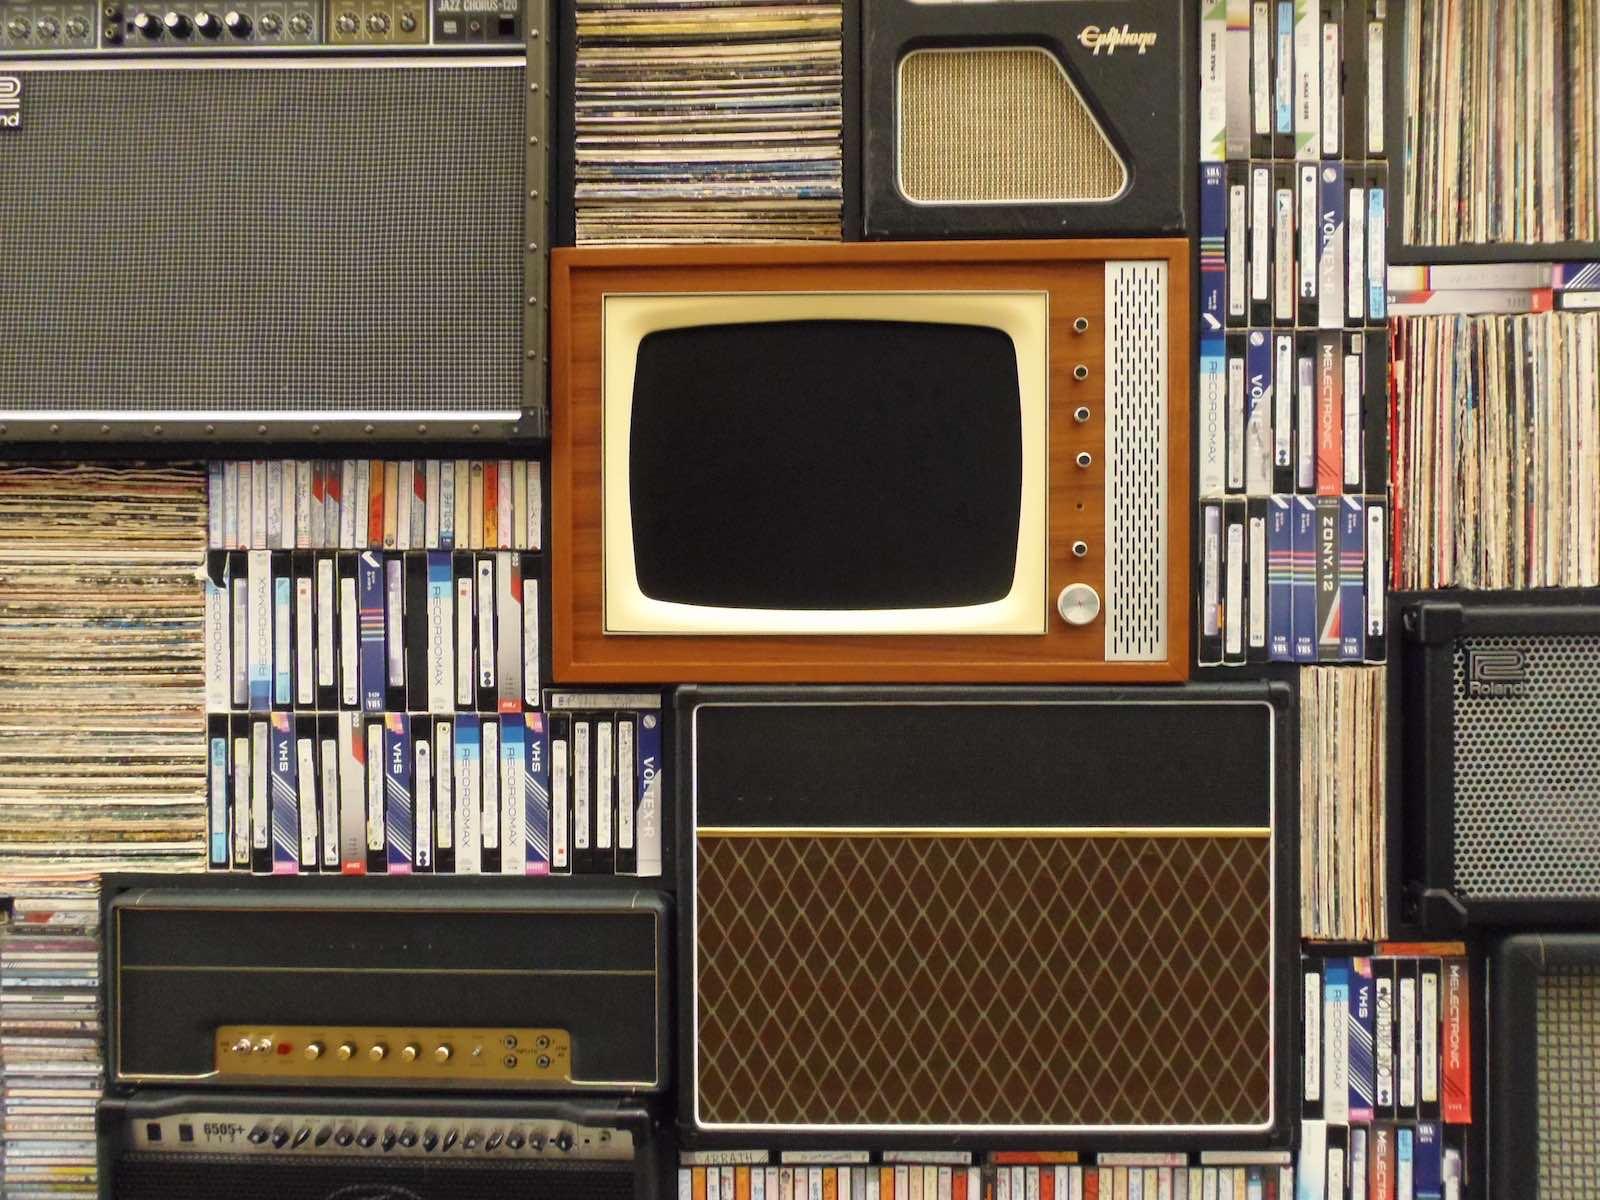 knihovna s televizi